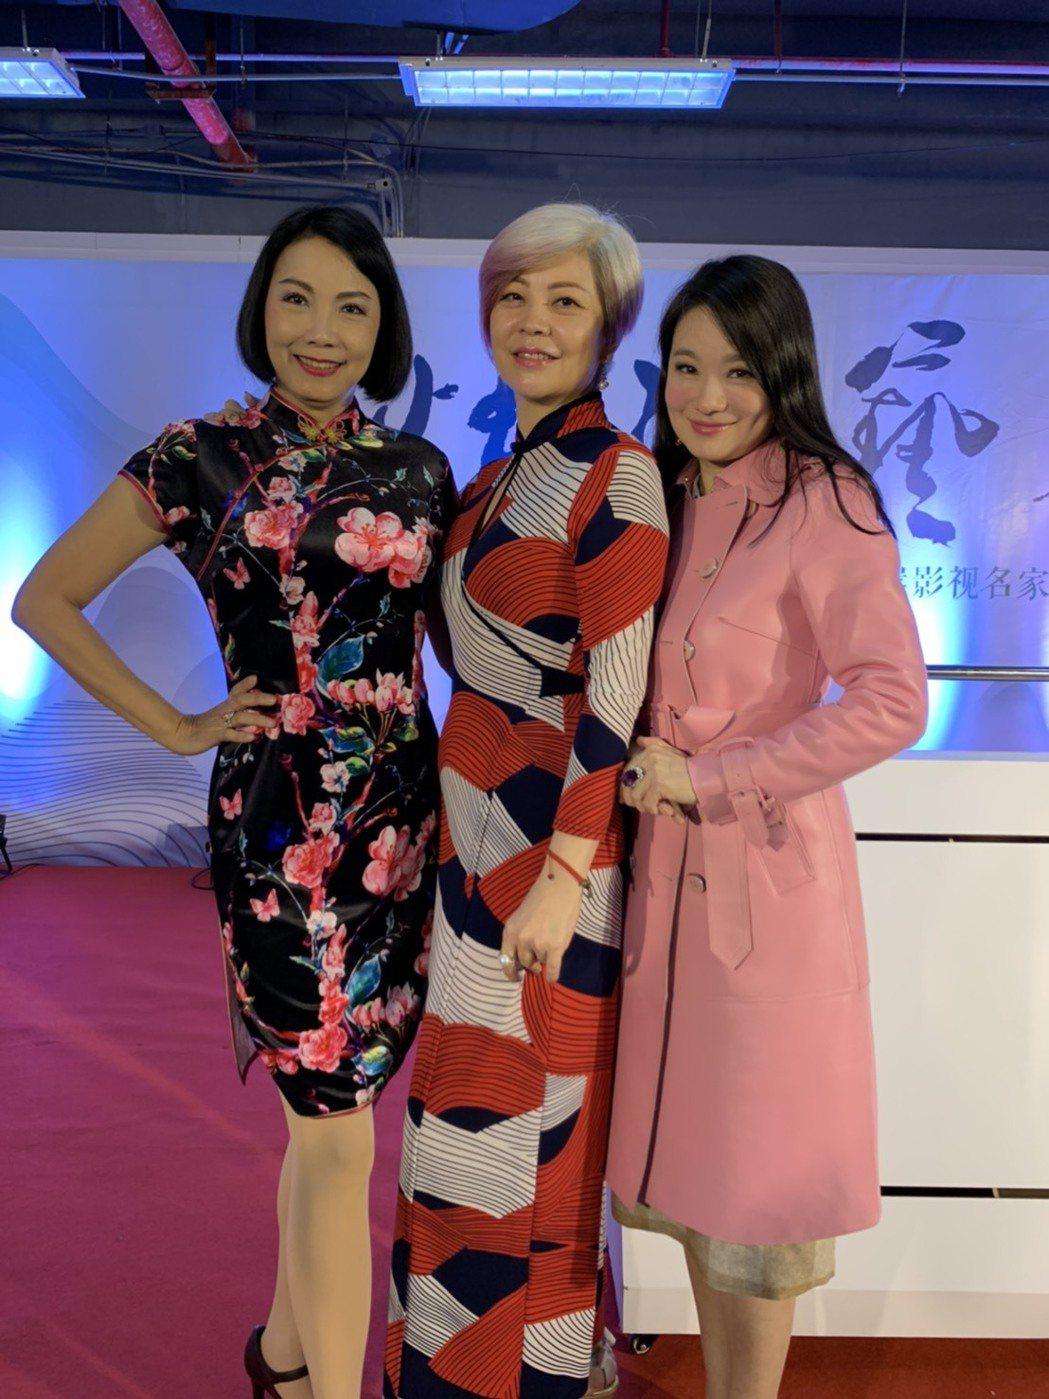 佳樂小姐凌蕙蕙(左起)中國小姐胡翡翠和佳樂小姐張瑞竹一起合影  記者 楊起鳳/攝...